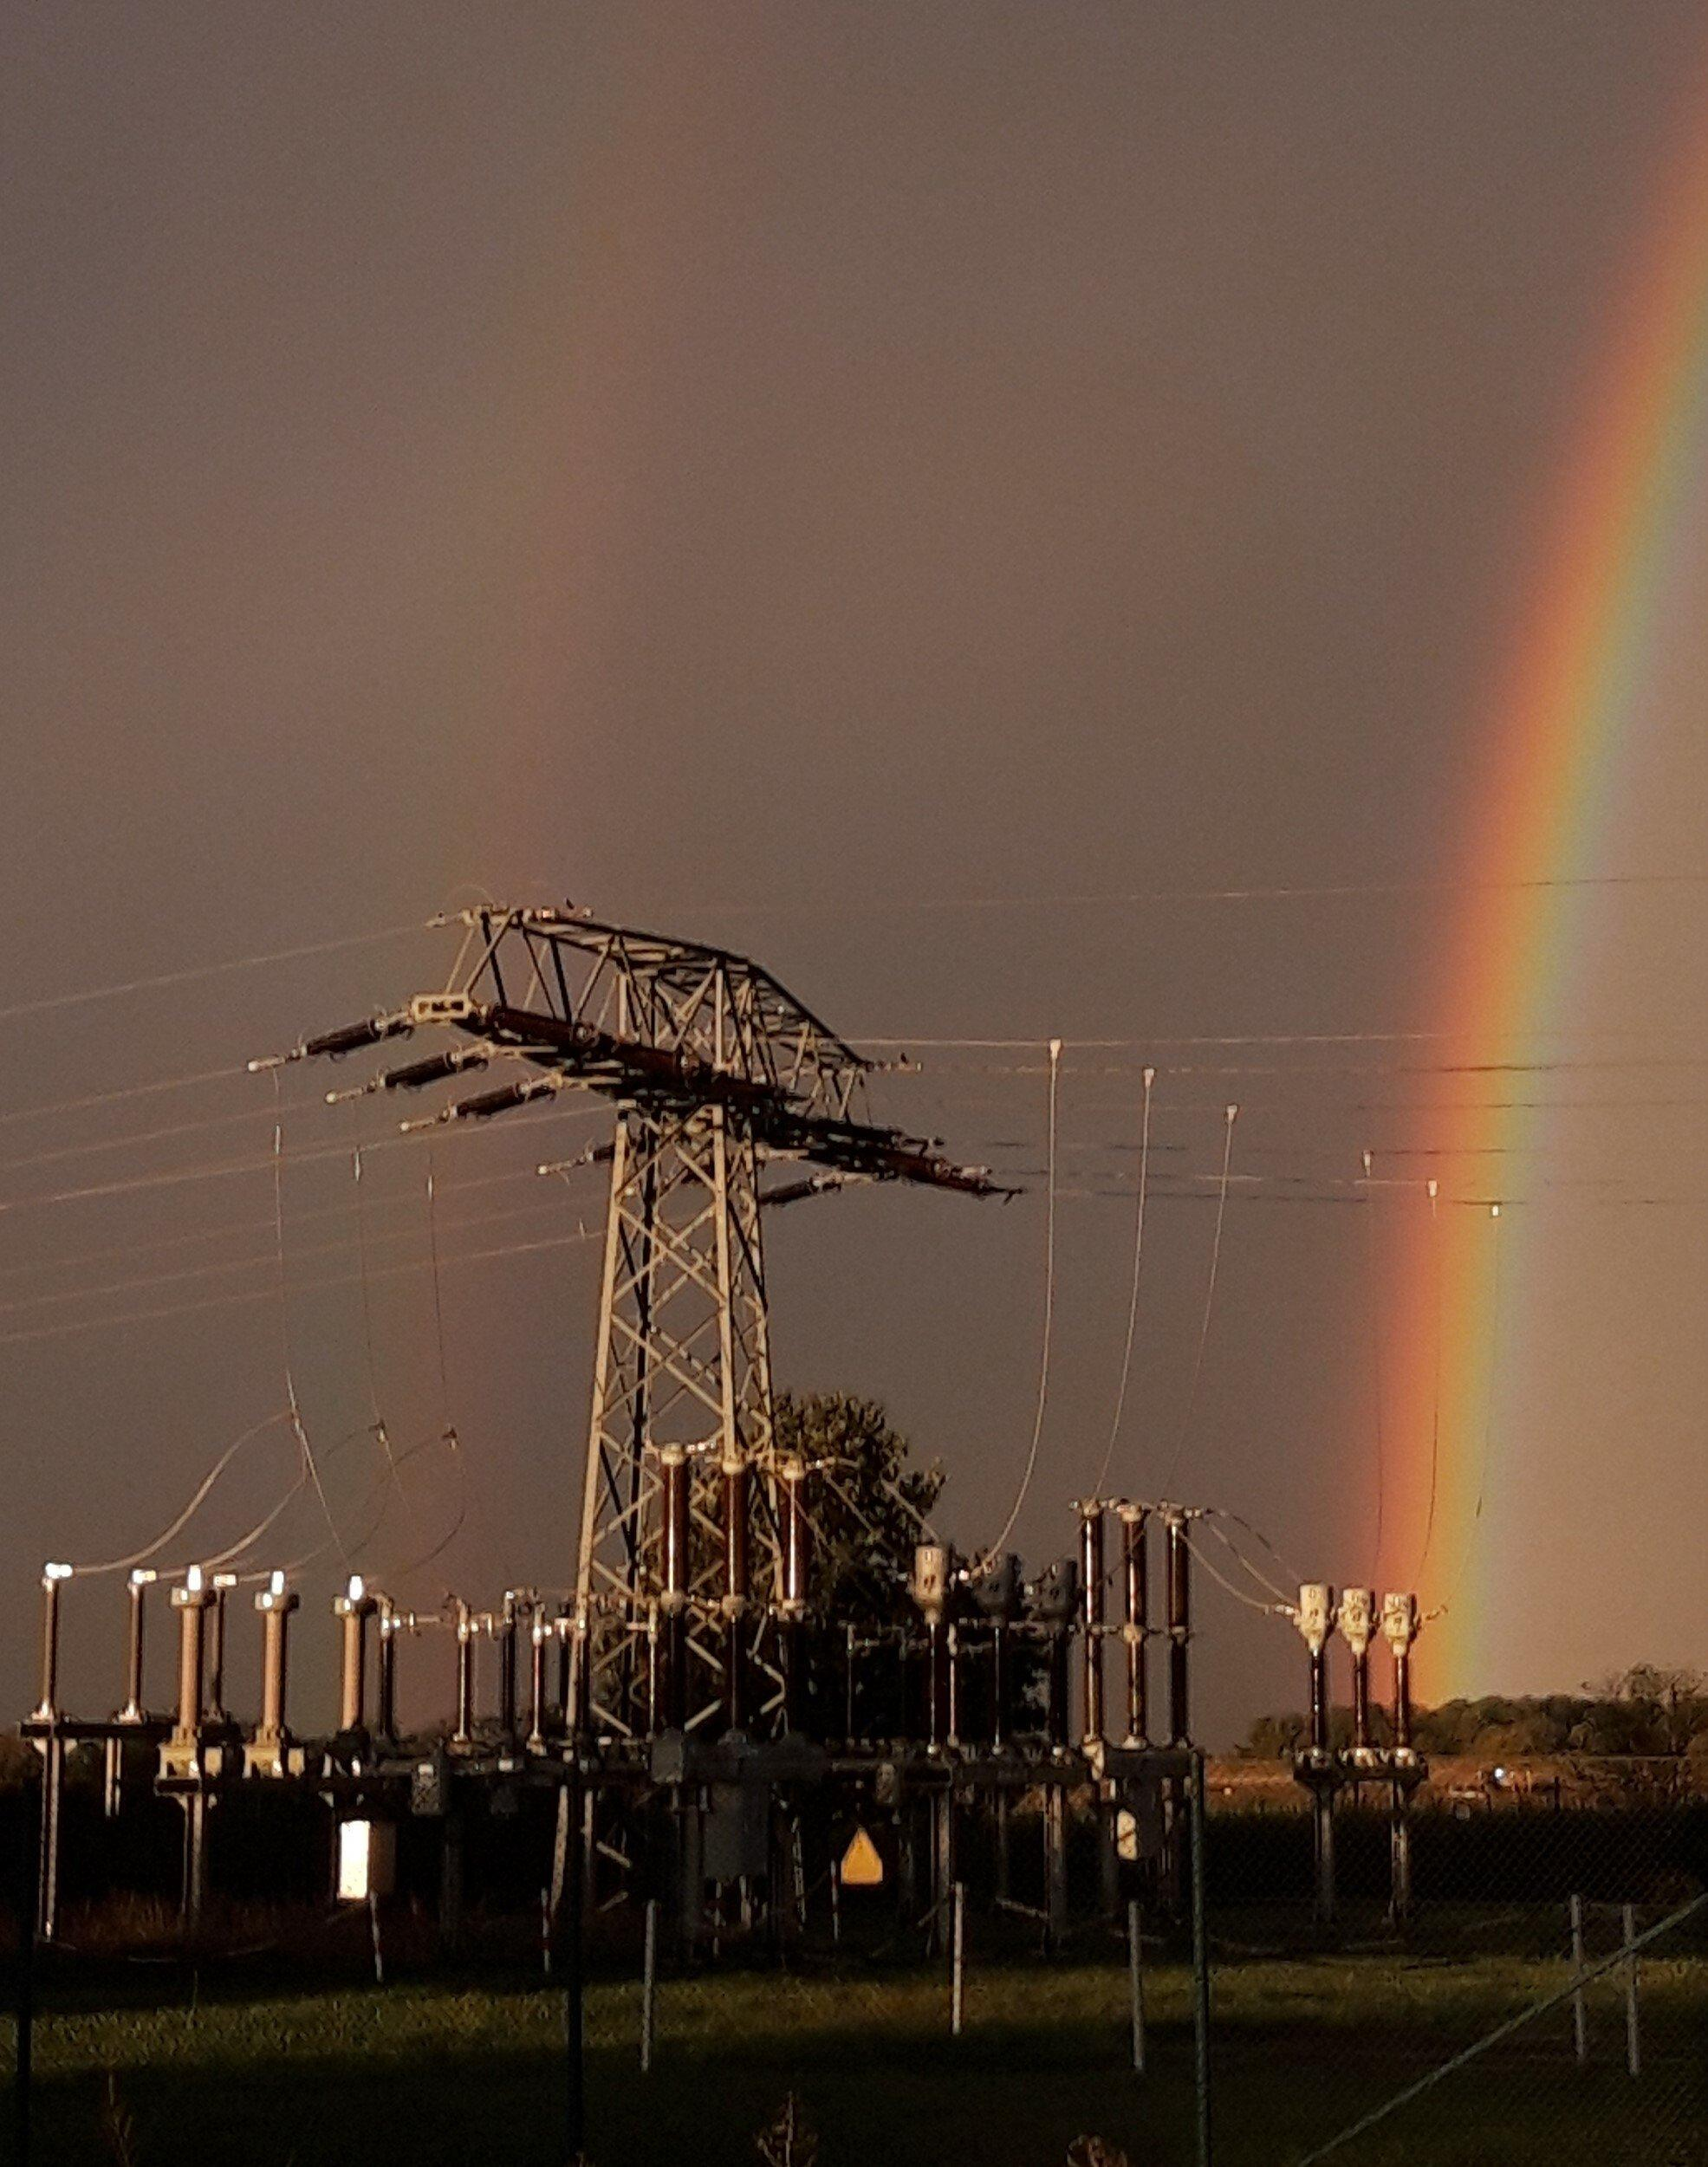 Neben den Transformatoren eines Umspannwerks strahlt vor dunklem Grau-Braun ein Regenbogen.